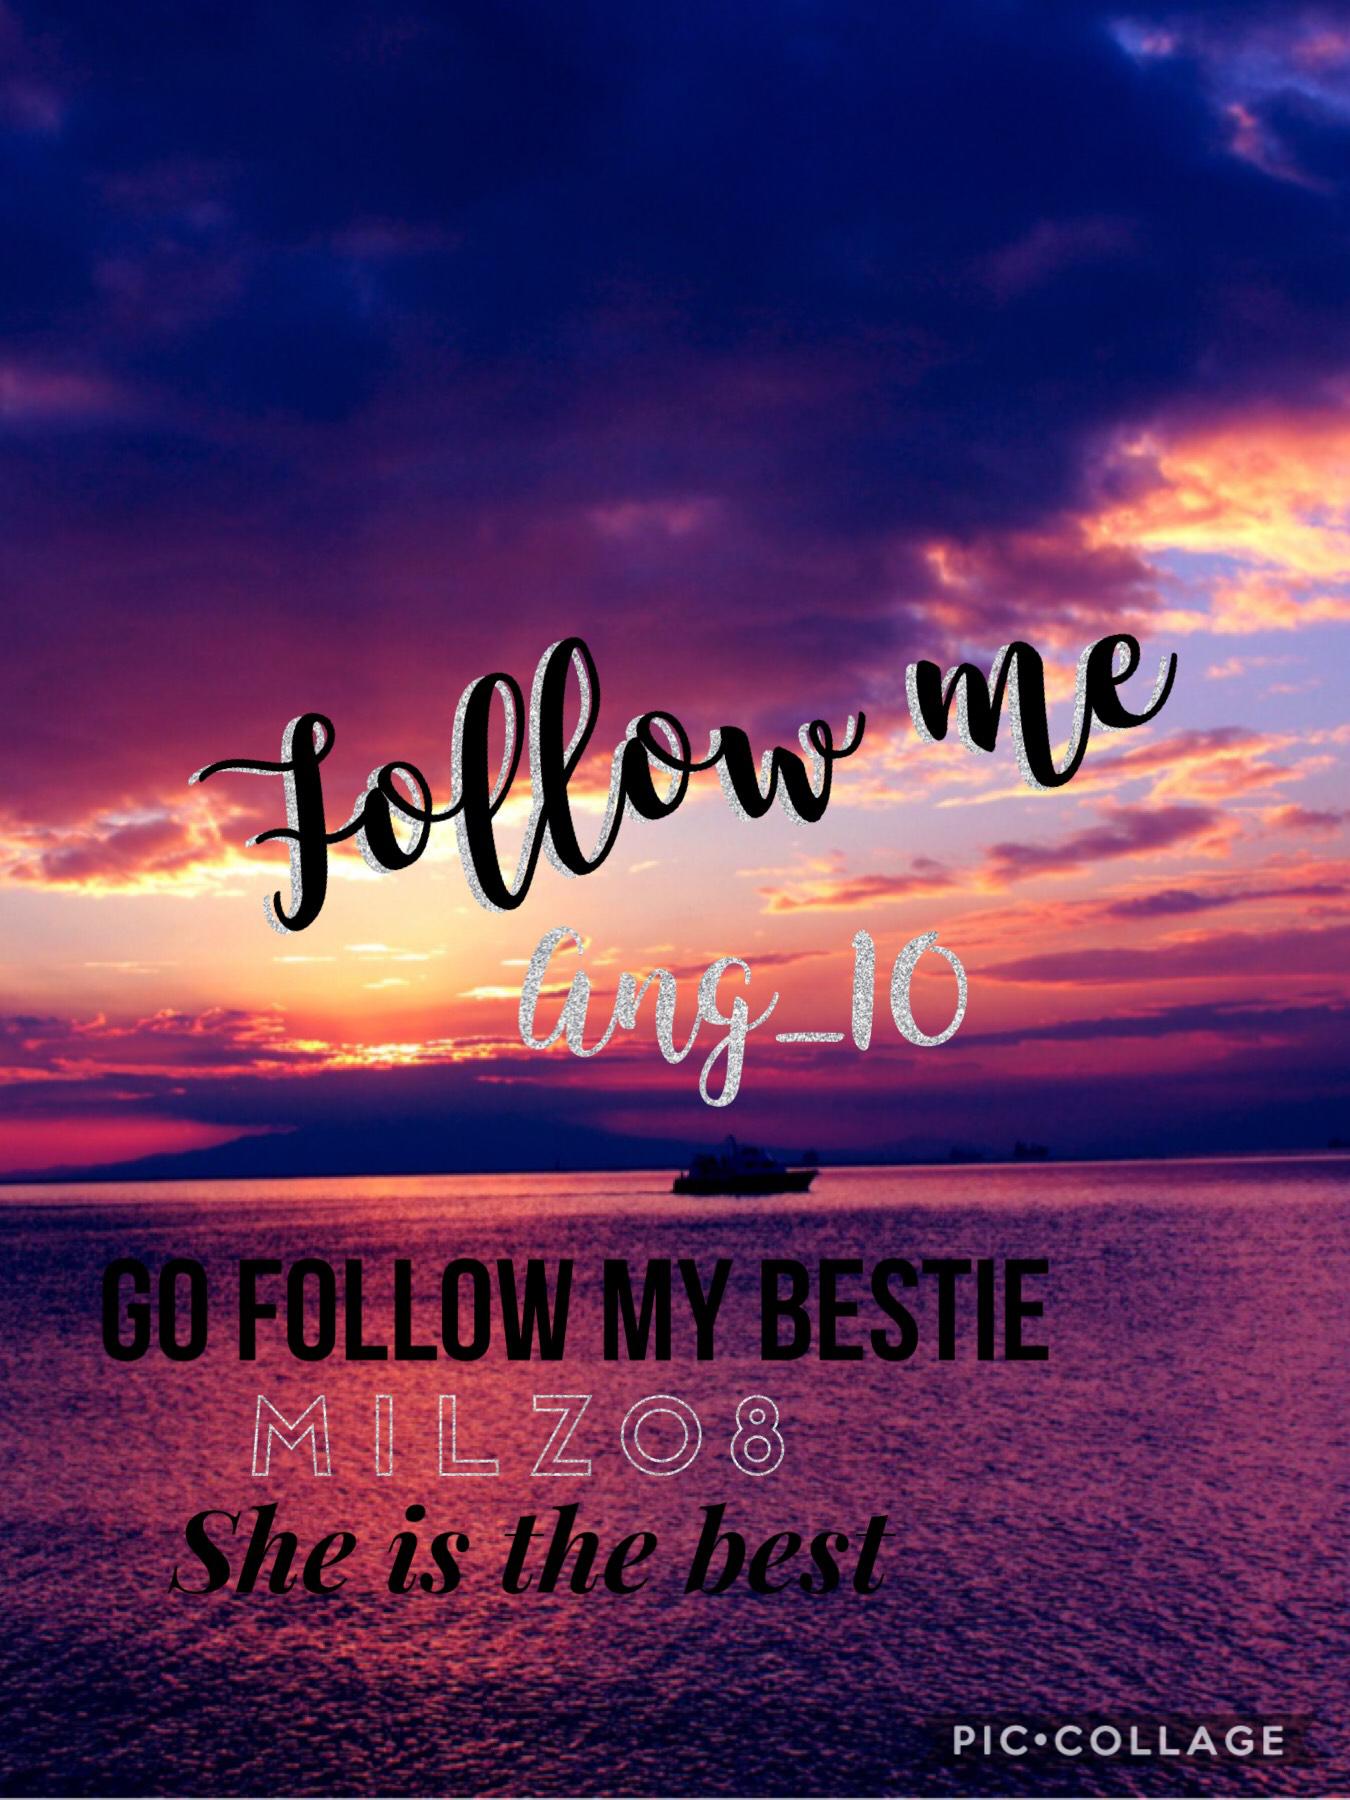 Follow me and my bestie milz08